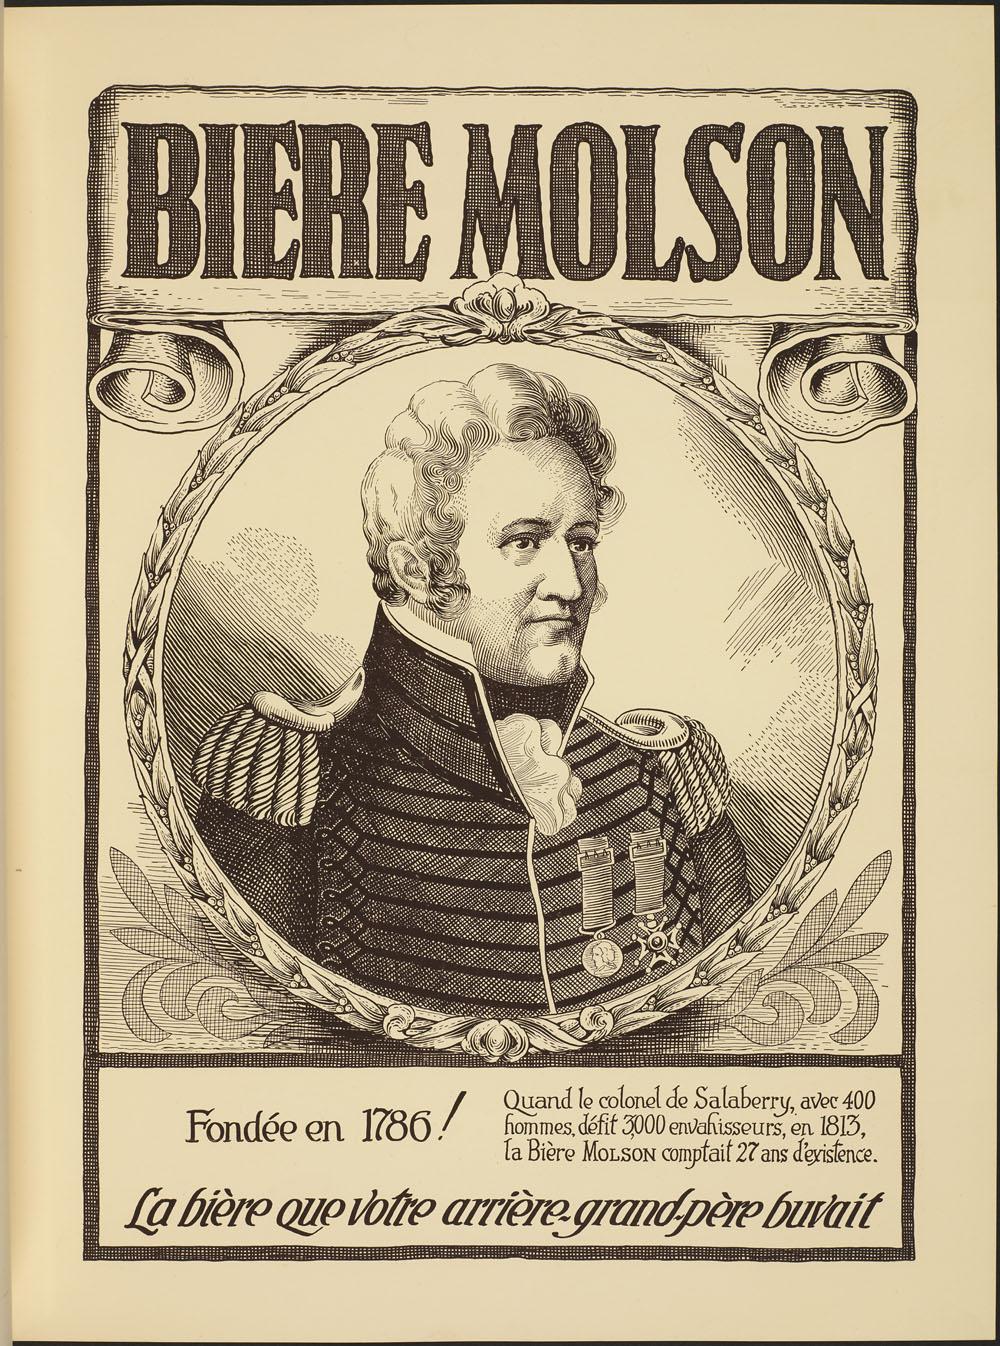 Bière Molson, le colonel de Salaberry